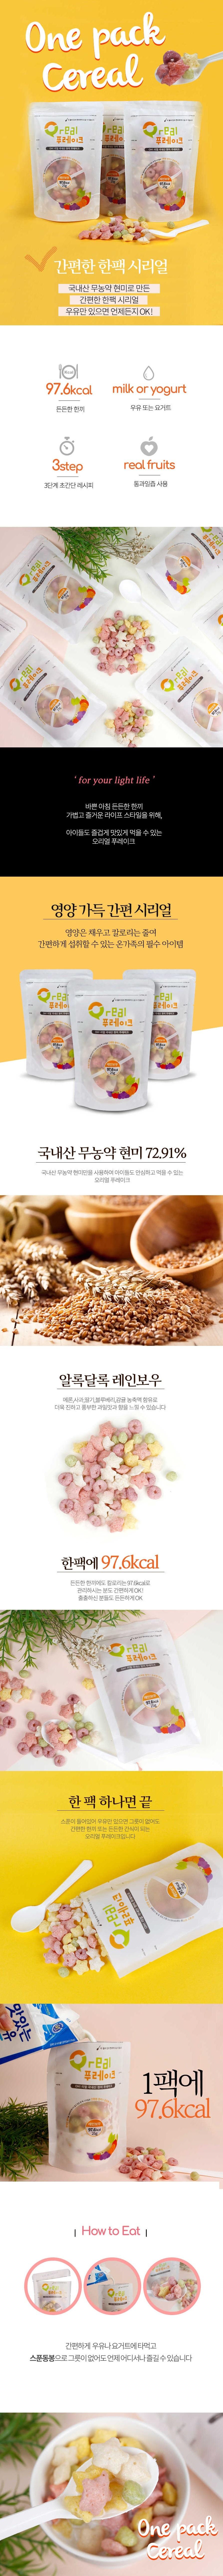 아이밀 오리얼 푸레이크 체험단 모집 (02.17~02.26)